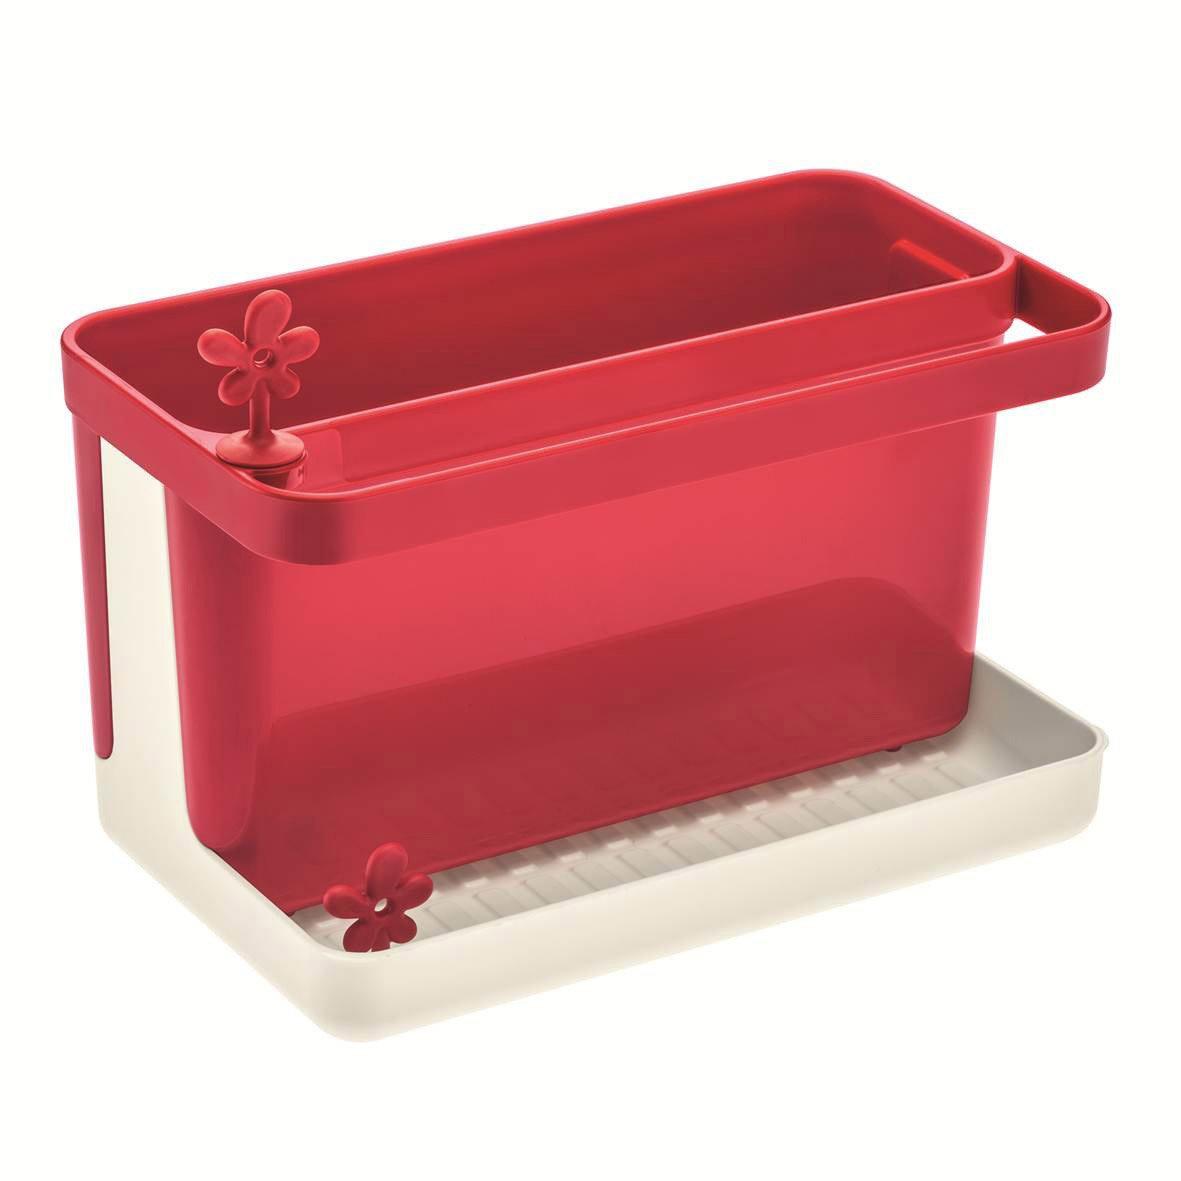 bac rangement vier plastique rouge rouge n 3 leroy merlin. Black Bedroom Furniture Sets. Home Design Ideas